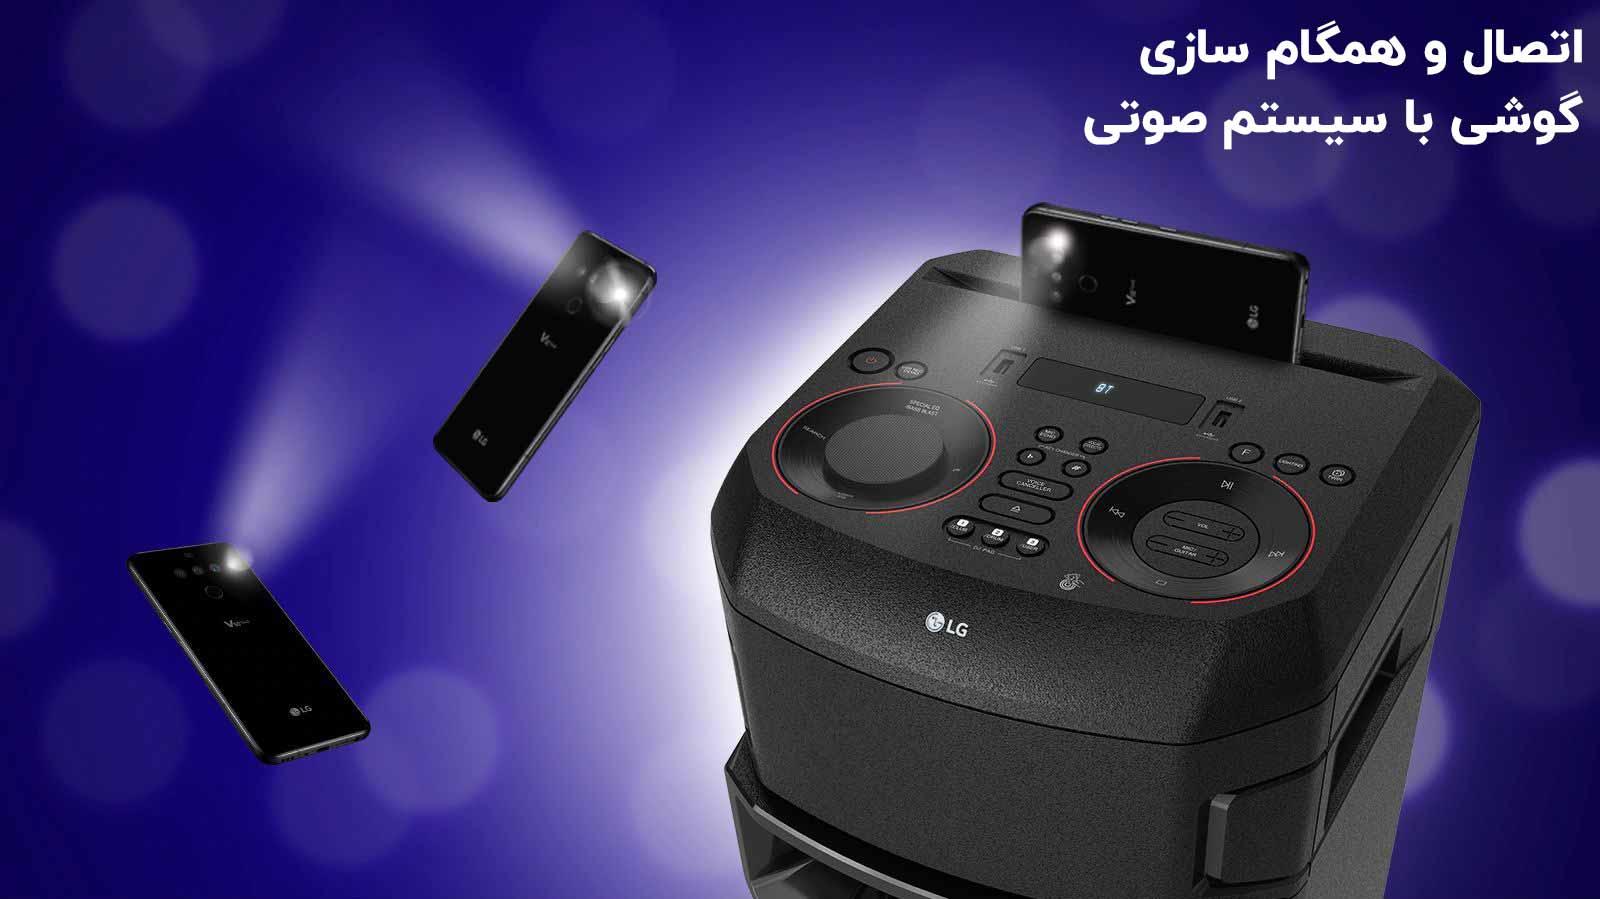 نورپردازی از طریق گوشی سیستم صوتی ON9